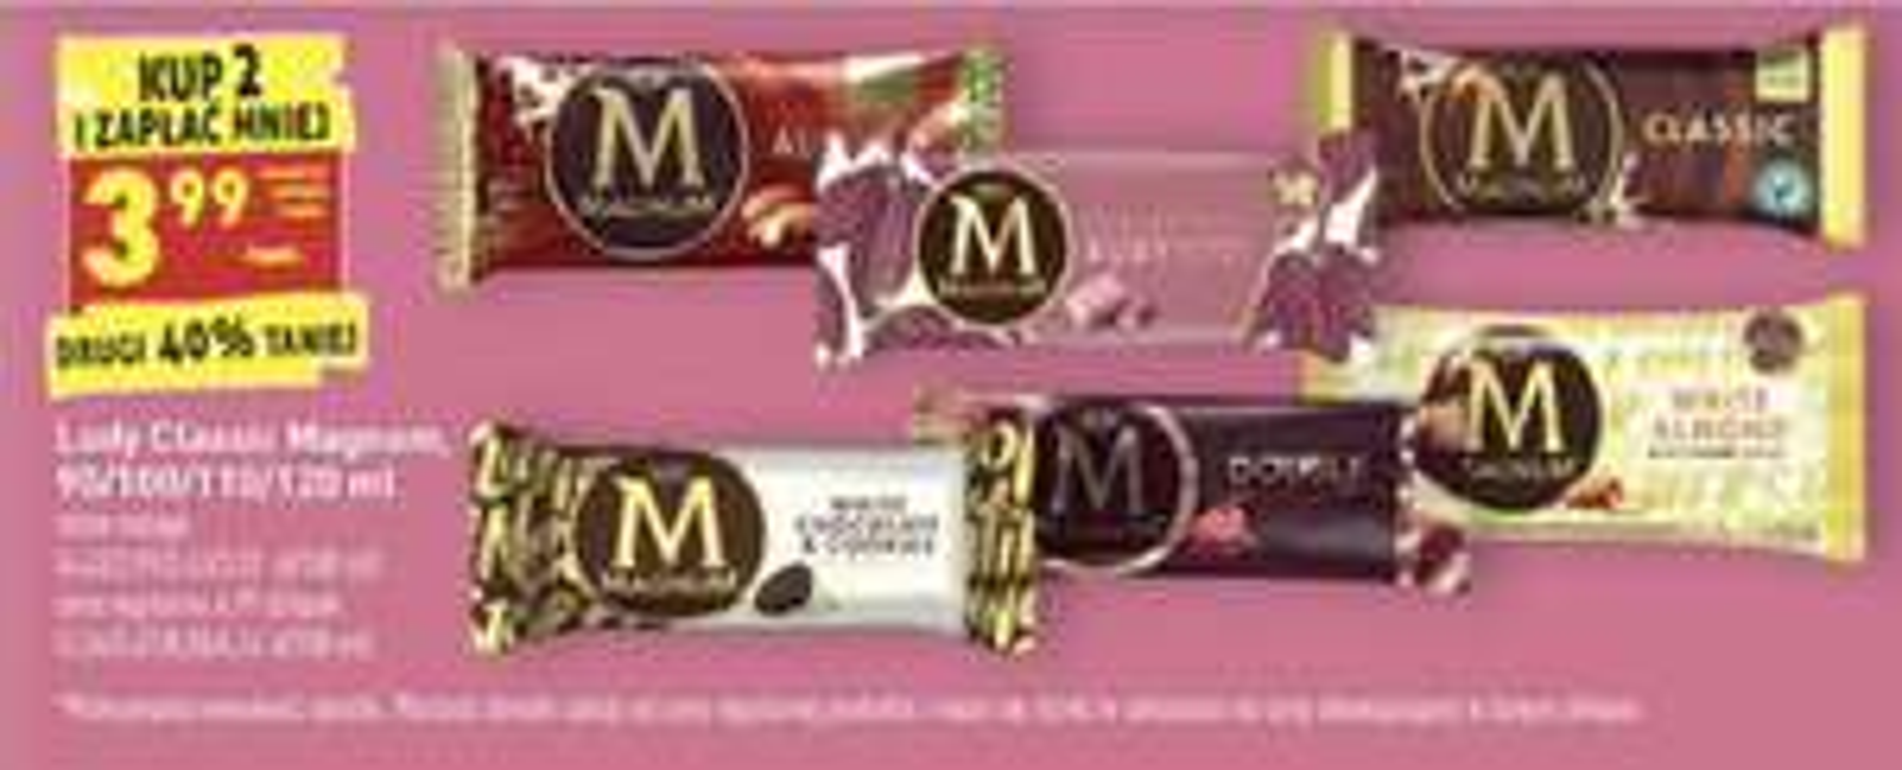 Dowolne lody Magnum - cena przy zakupie dwóch - Biedronka